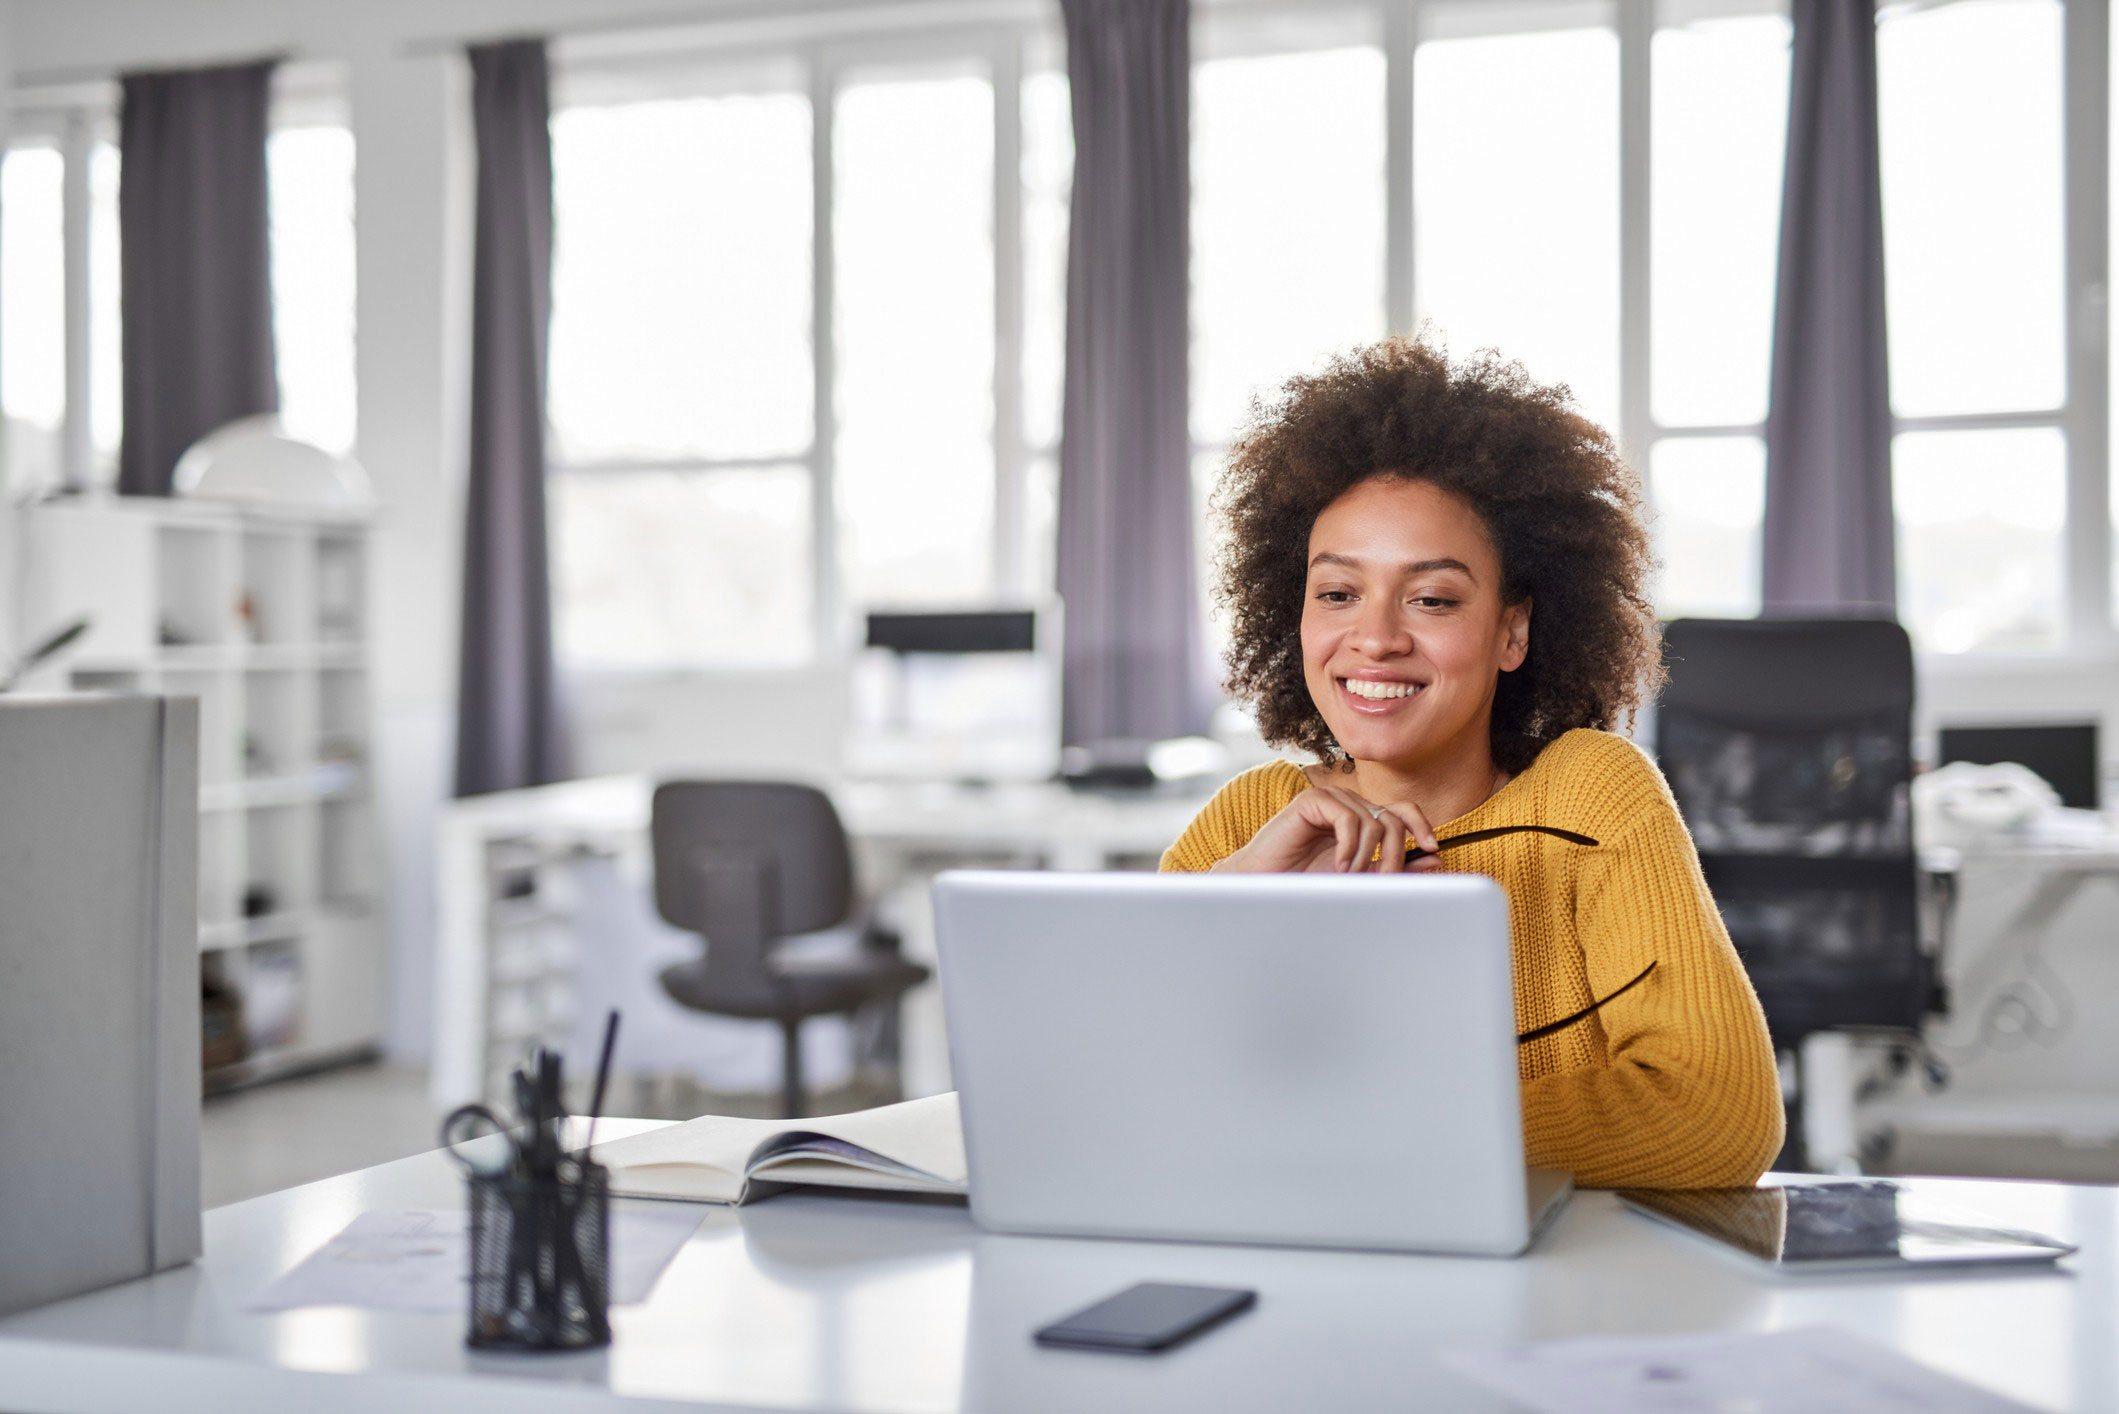 Mulher, parda, com blusa amarela, usando um notebook em um escritório.